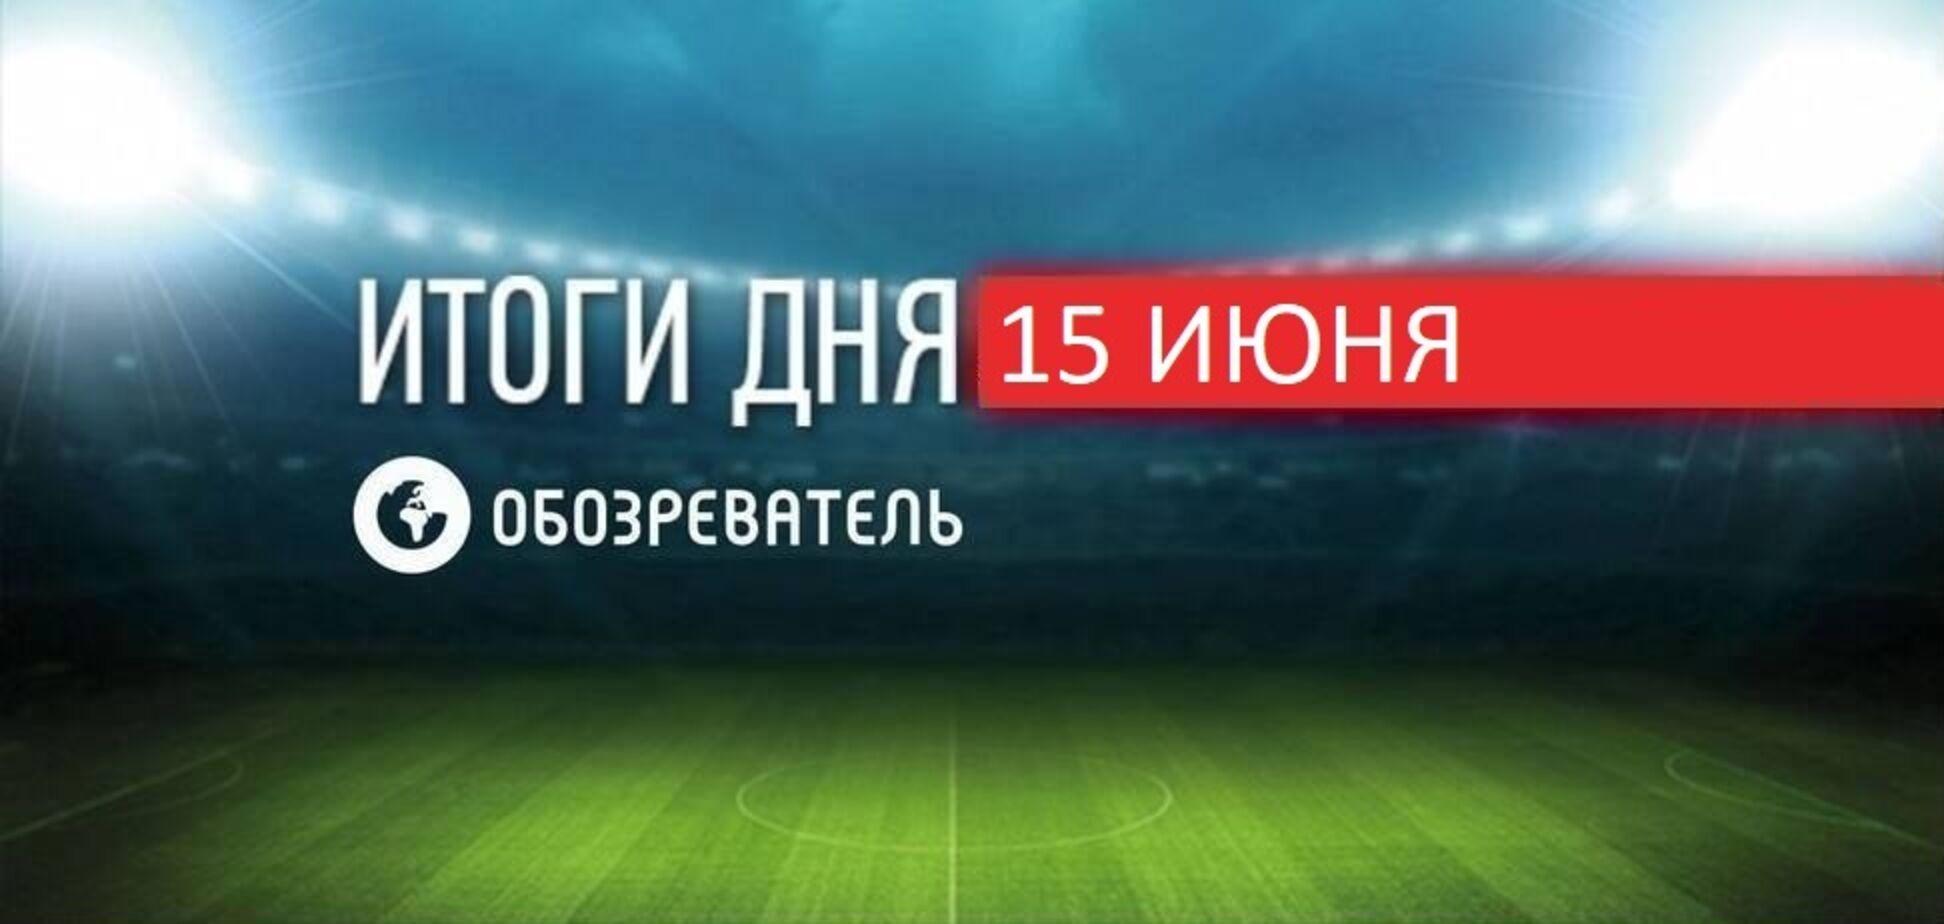 Роналду на Євро-2020 перевершив досягнення Шевченка: новини спорту 15 червня